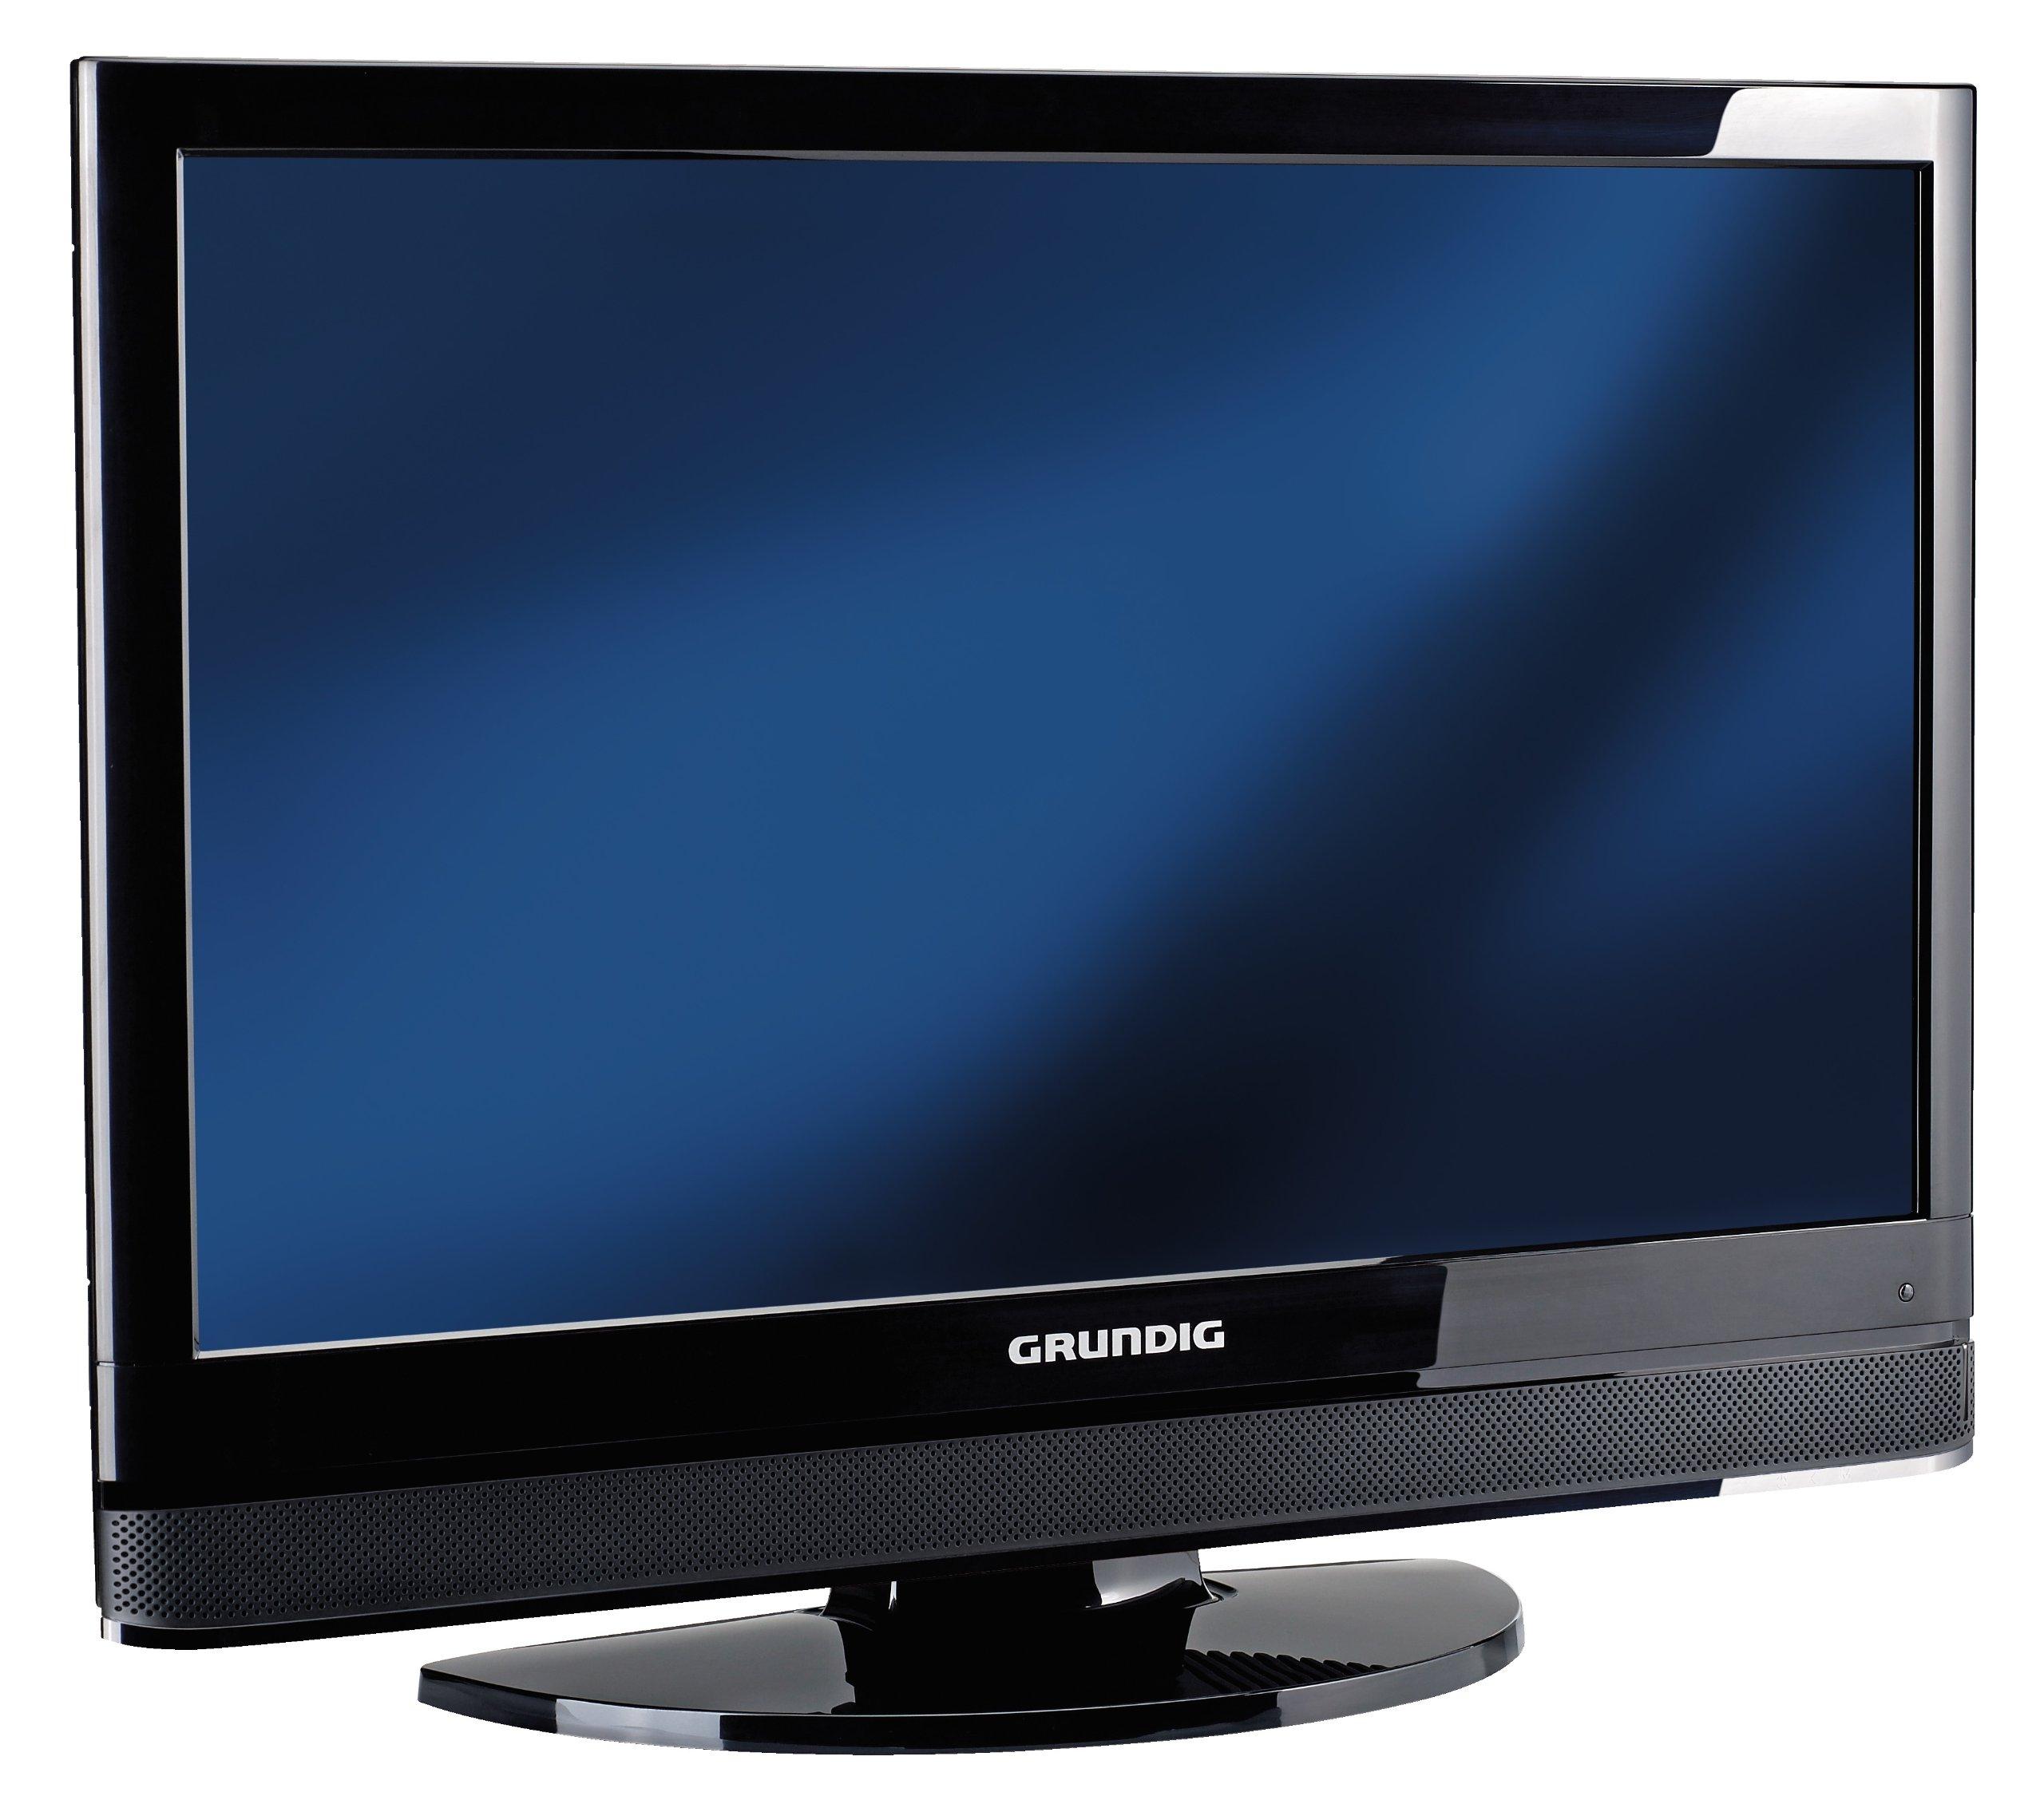 Grundig GB0122 - Televisor LCD HD Ready 22 pulgadas: Amazon.es: Electrónica